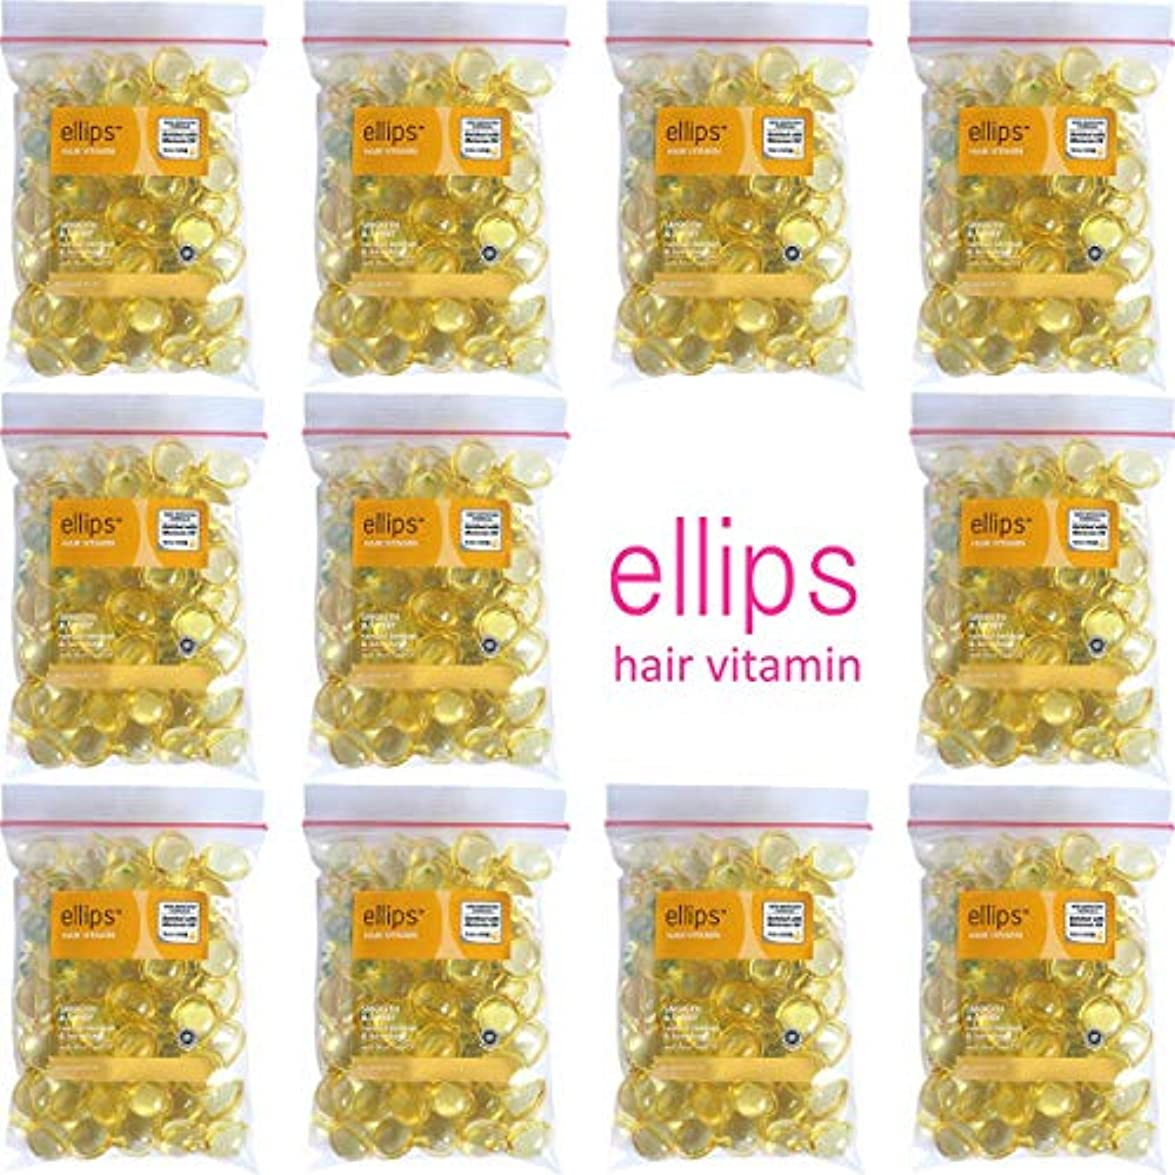 杖コア気候の山ellips エリプス エリップス ヘアビタミン ヘアオイル 洗い流さないトリートメント 袋詰め 50粒入×11個セット イエロー [海外直送品]